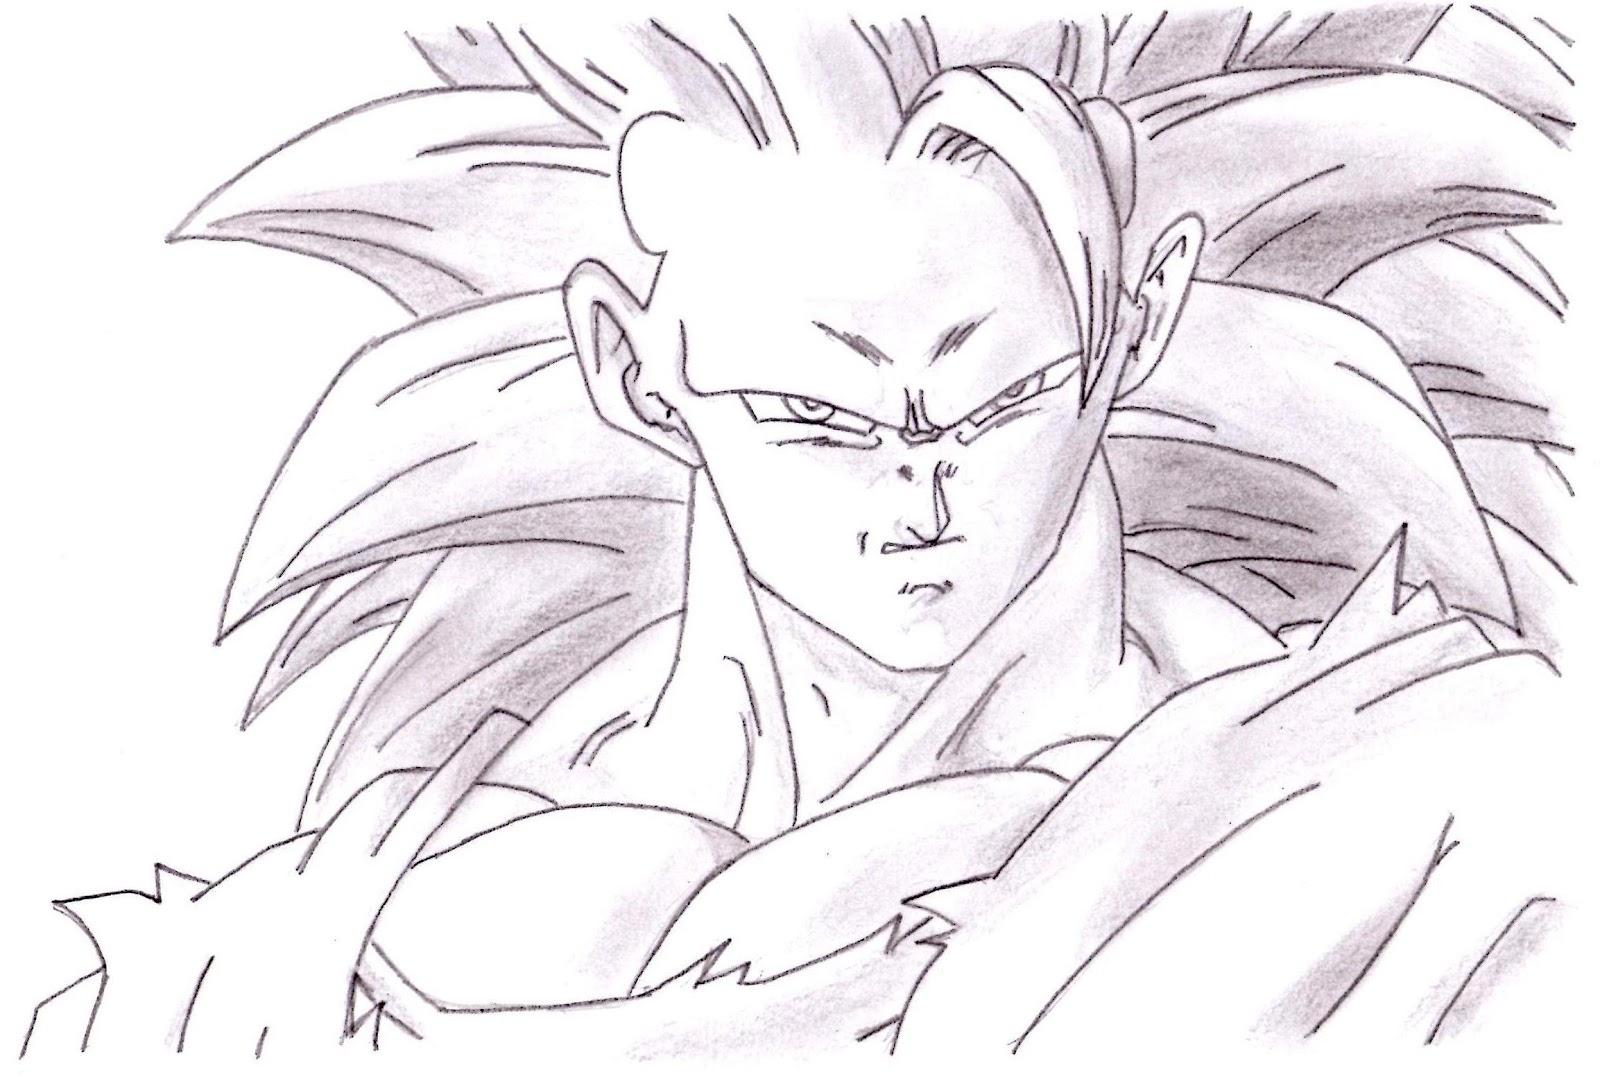 Dibujos Anime: Goku ssj3